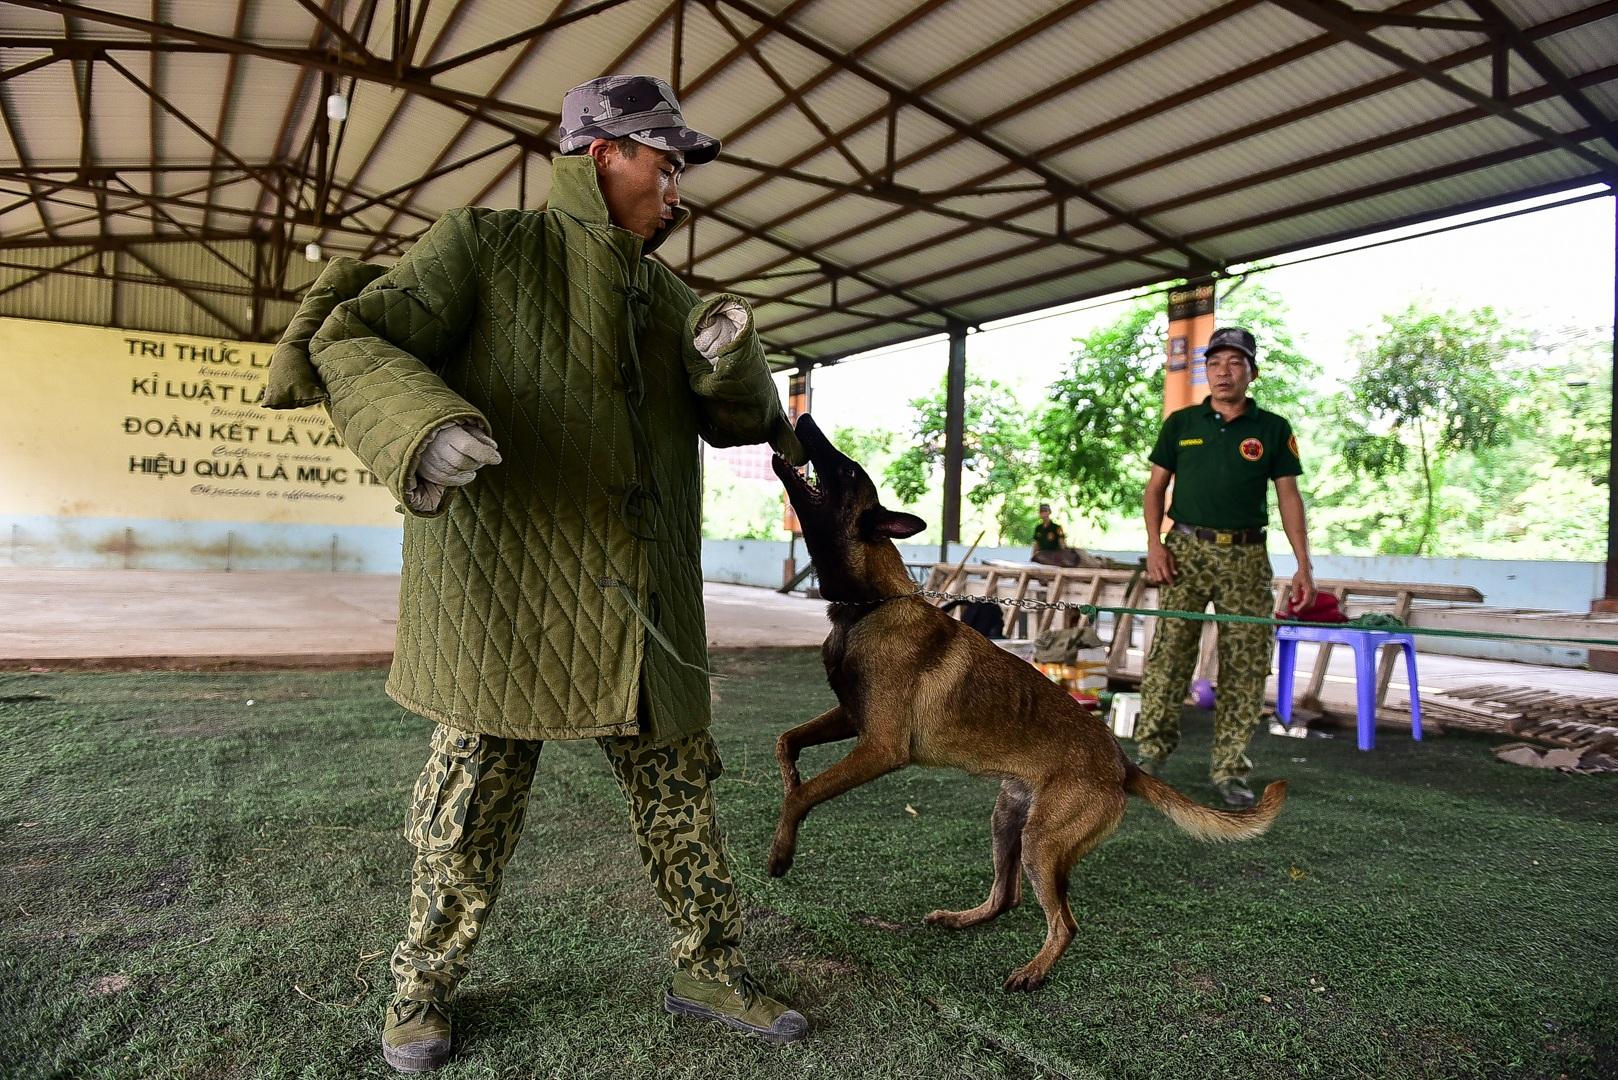 Sau hàng loạt vụ chó tấn công kinh hoàng: Những kinh nghiệm sống còn để thoát hiểm - 1